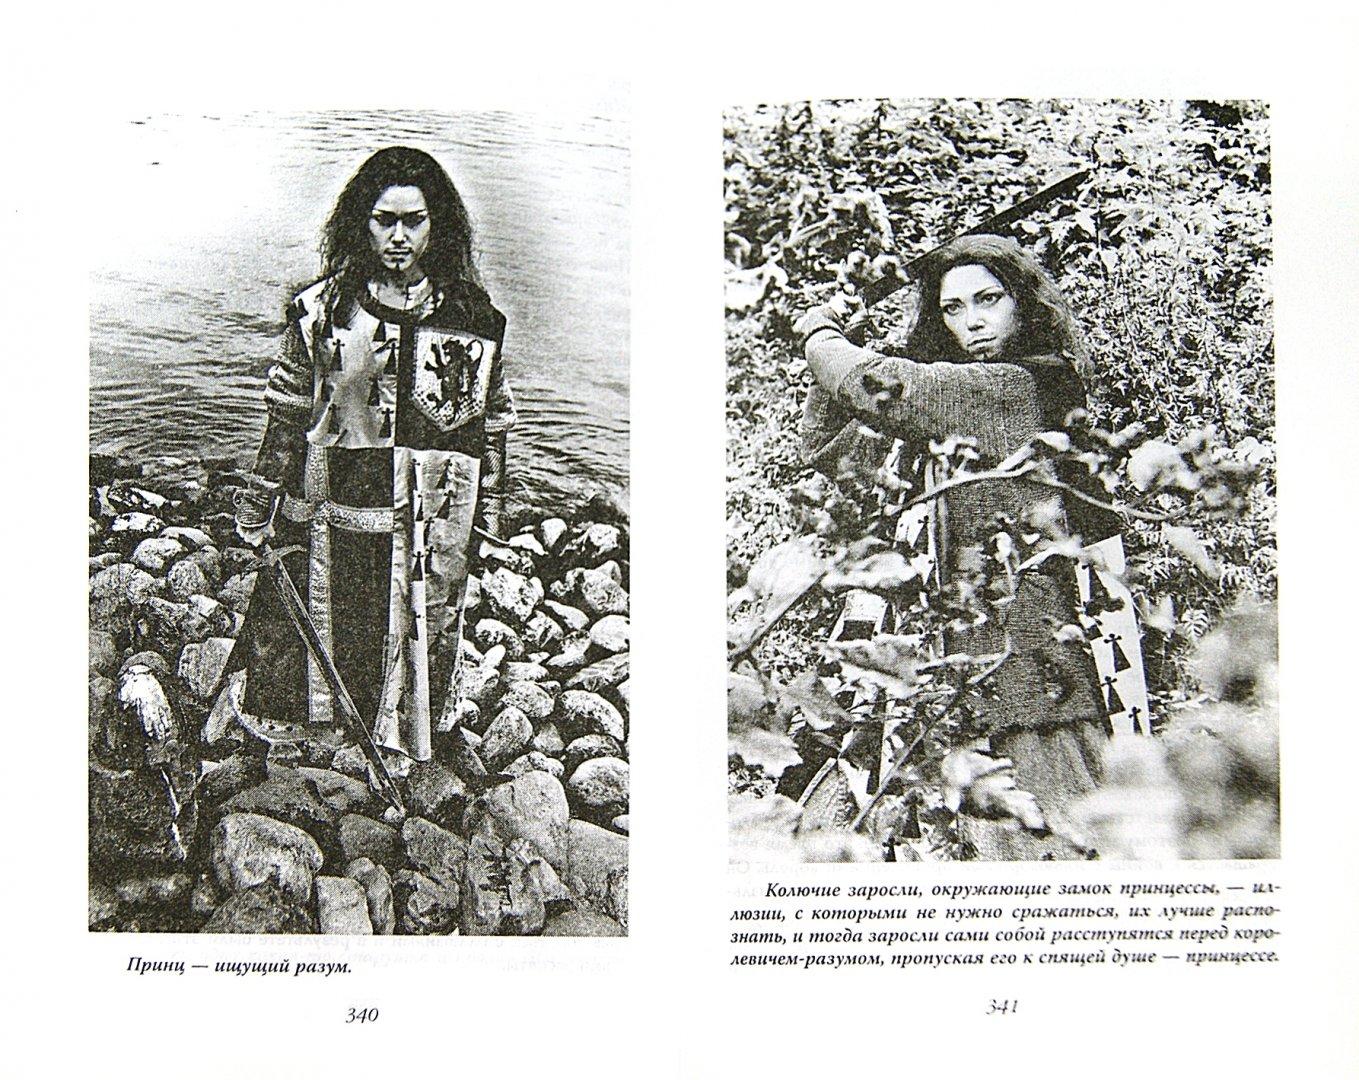 Иллюстрация 1 из 6 для Танцующие с волками. Символизм сказок и мифов мира - Анна Бену   Лабиринт - книги. Источник: Лабиринт